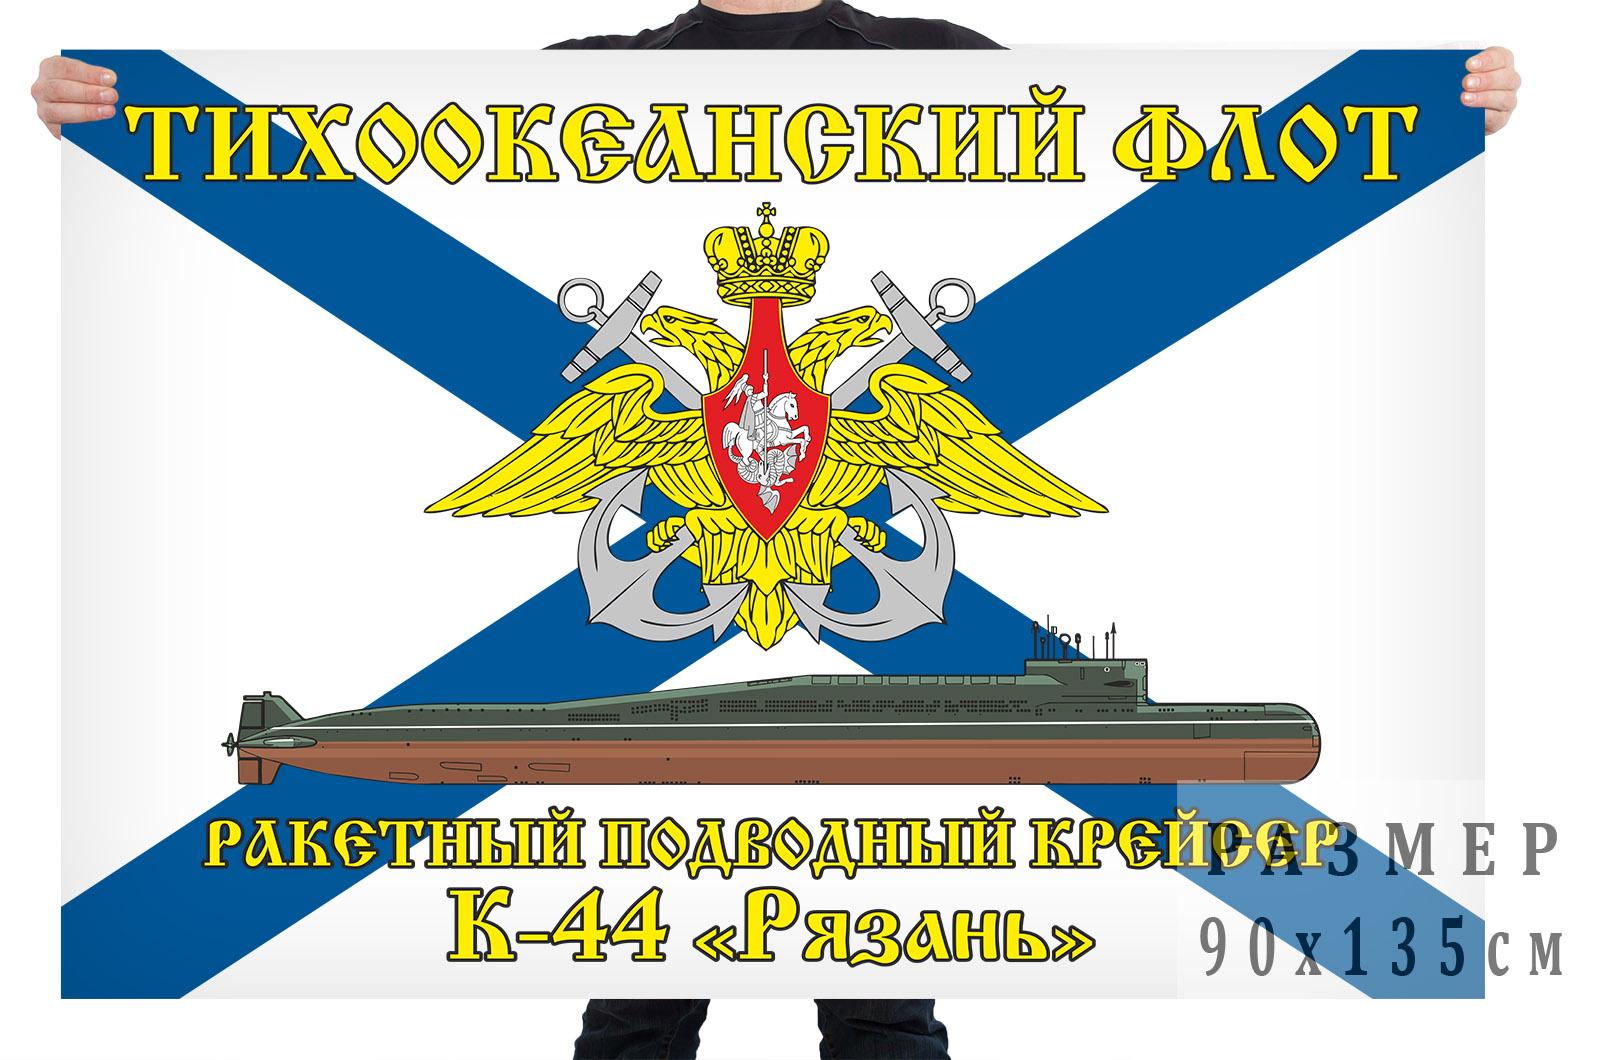 """Флаг ракетного подводного крейсера К-44 """"Рязань"""""""